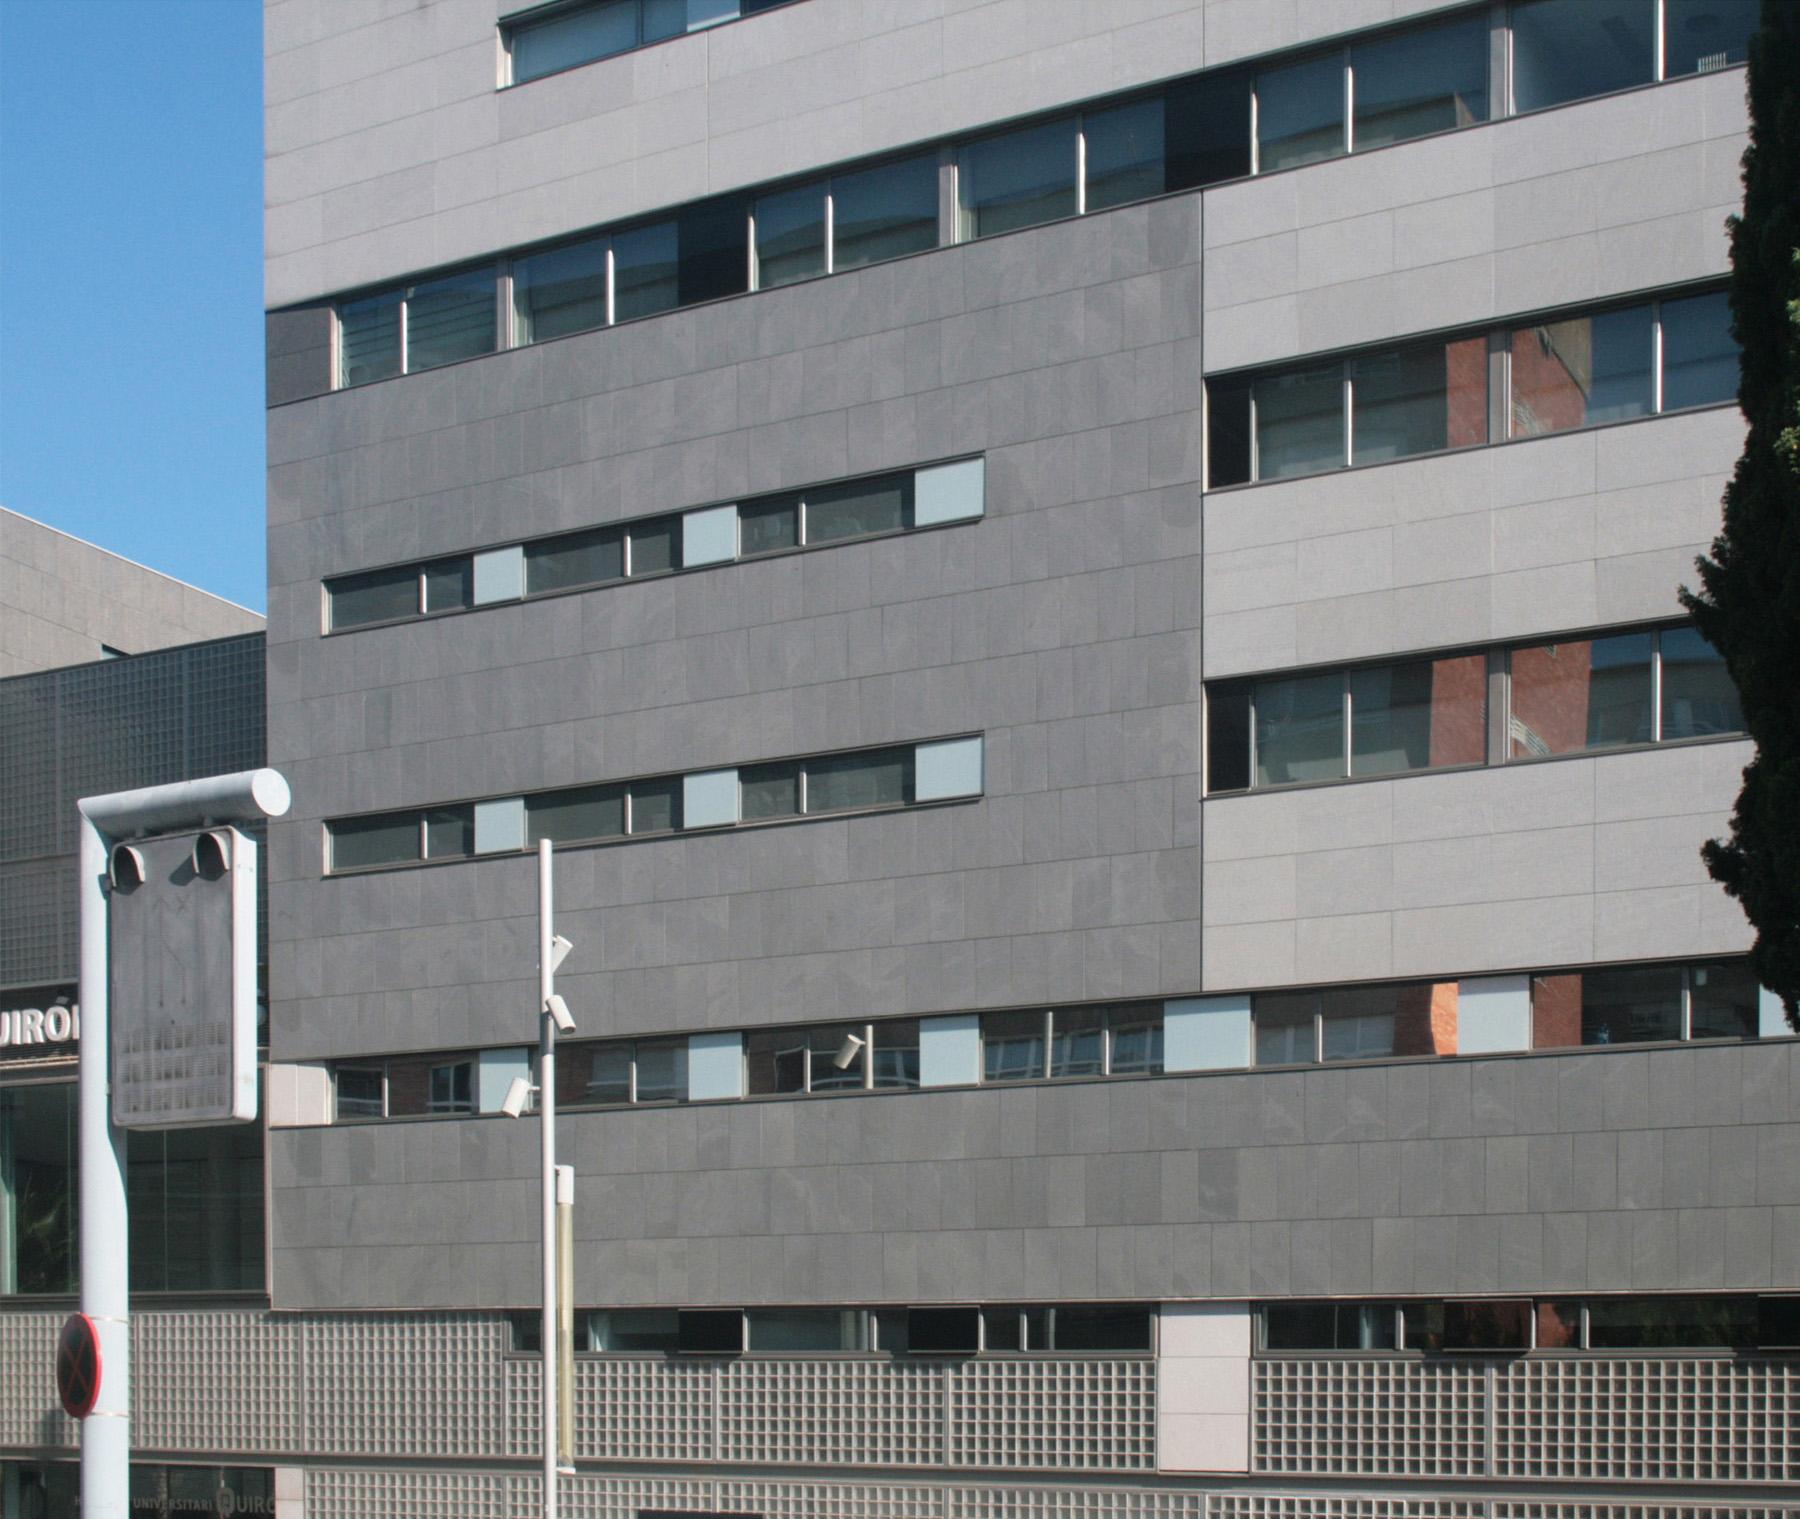 Facade: Horizontal Strips At Dexeus Facade (035)